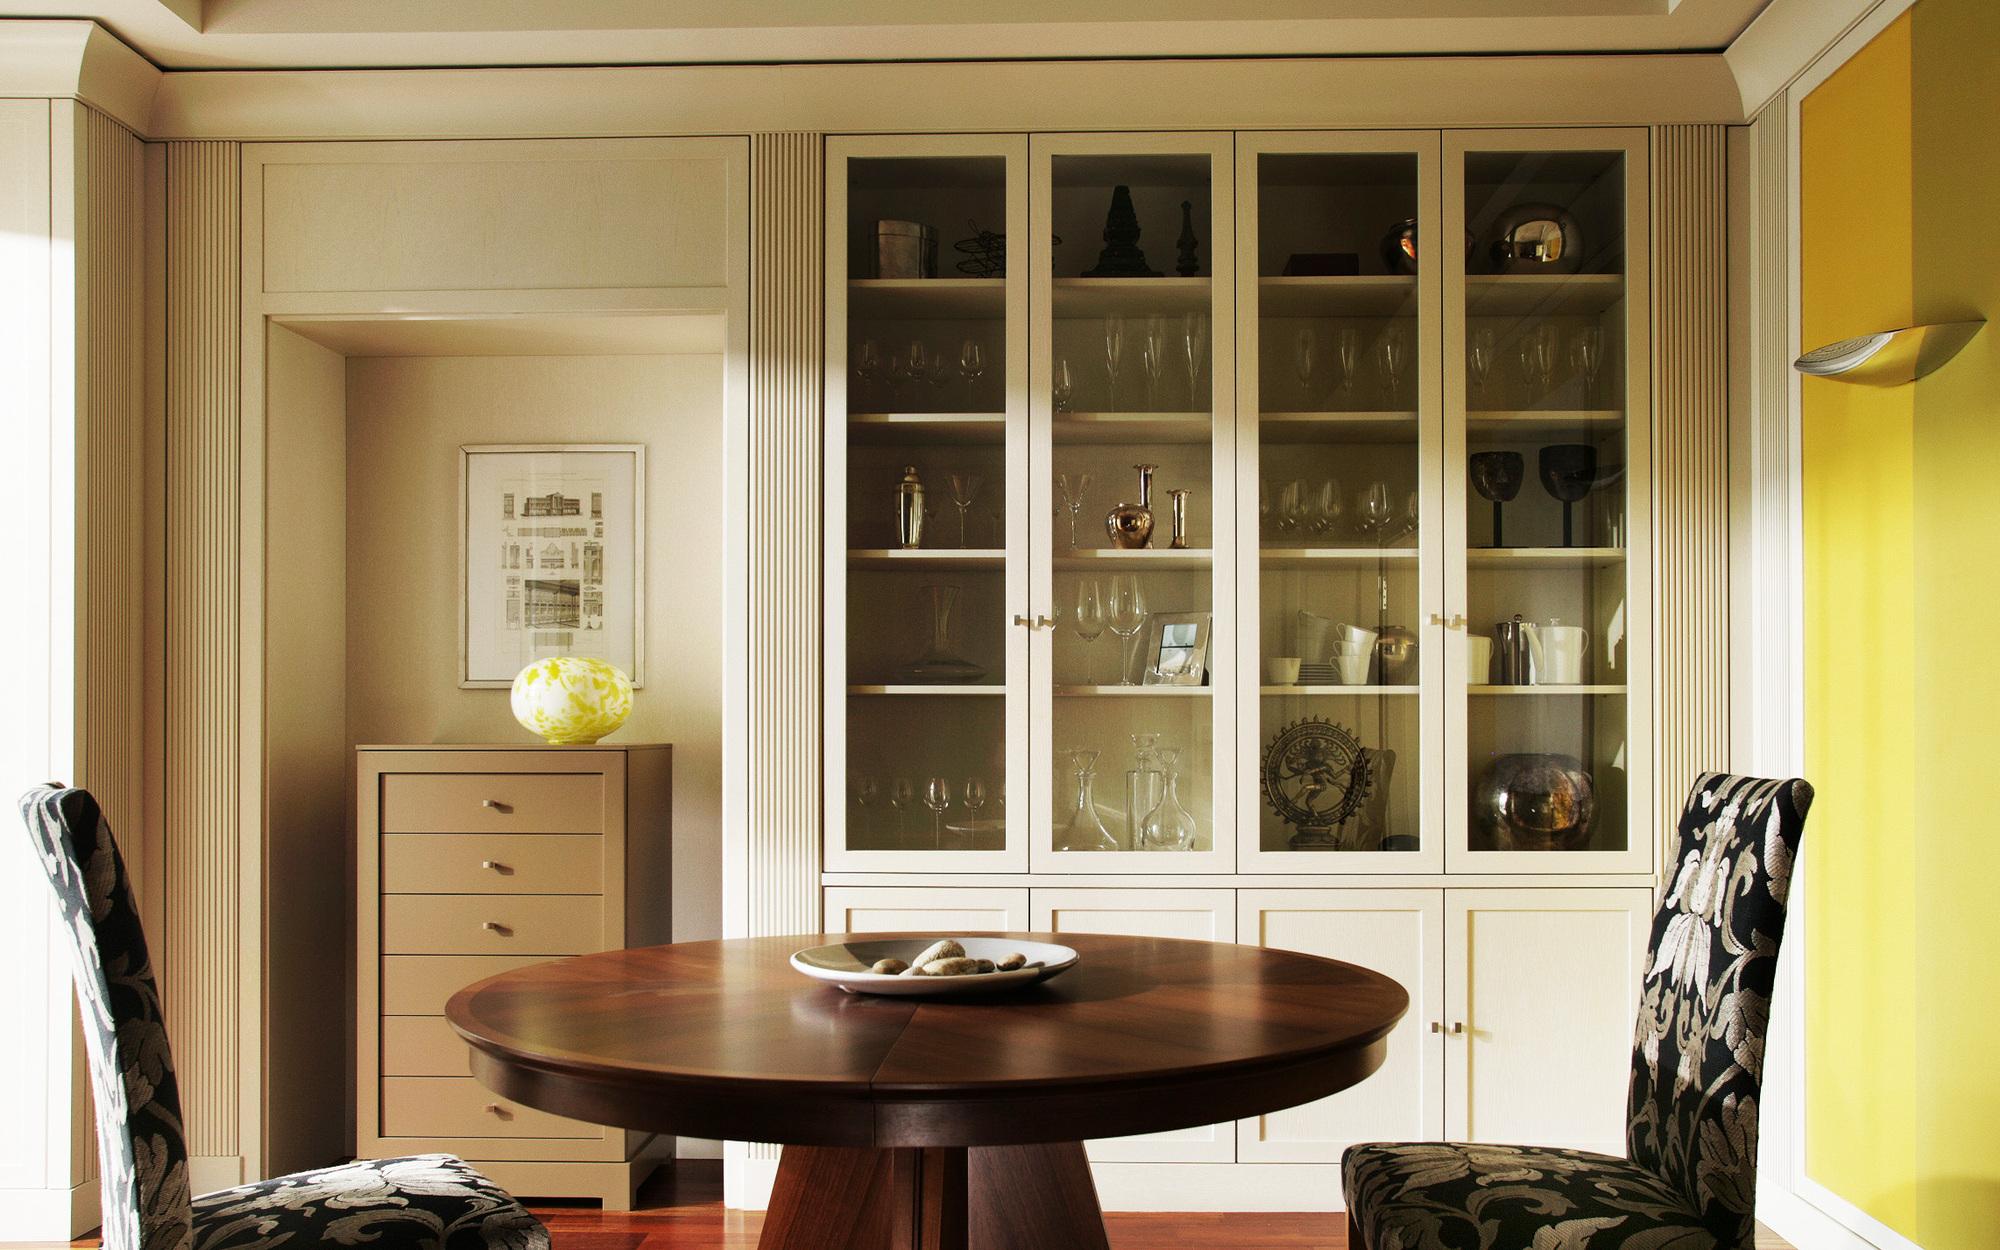 neu bei tendenza neue wiener werkst tte ausstellung. Black Bedroom Furniture Sets. Home Design Ideas